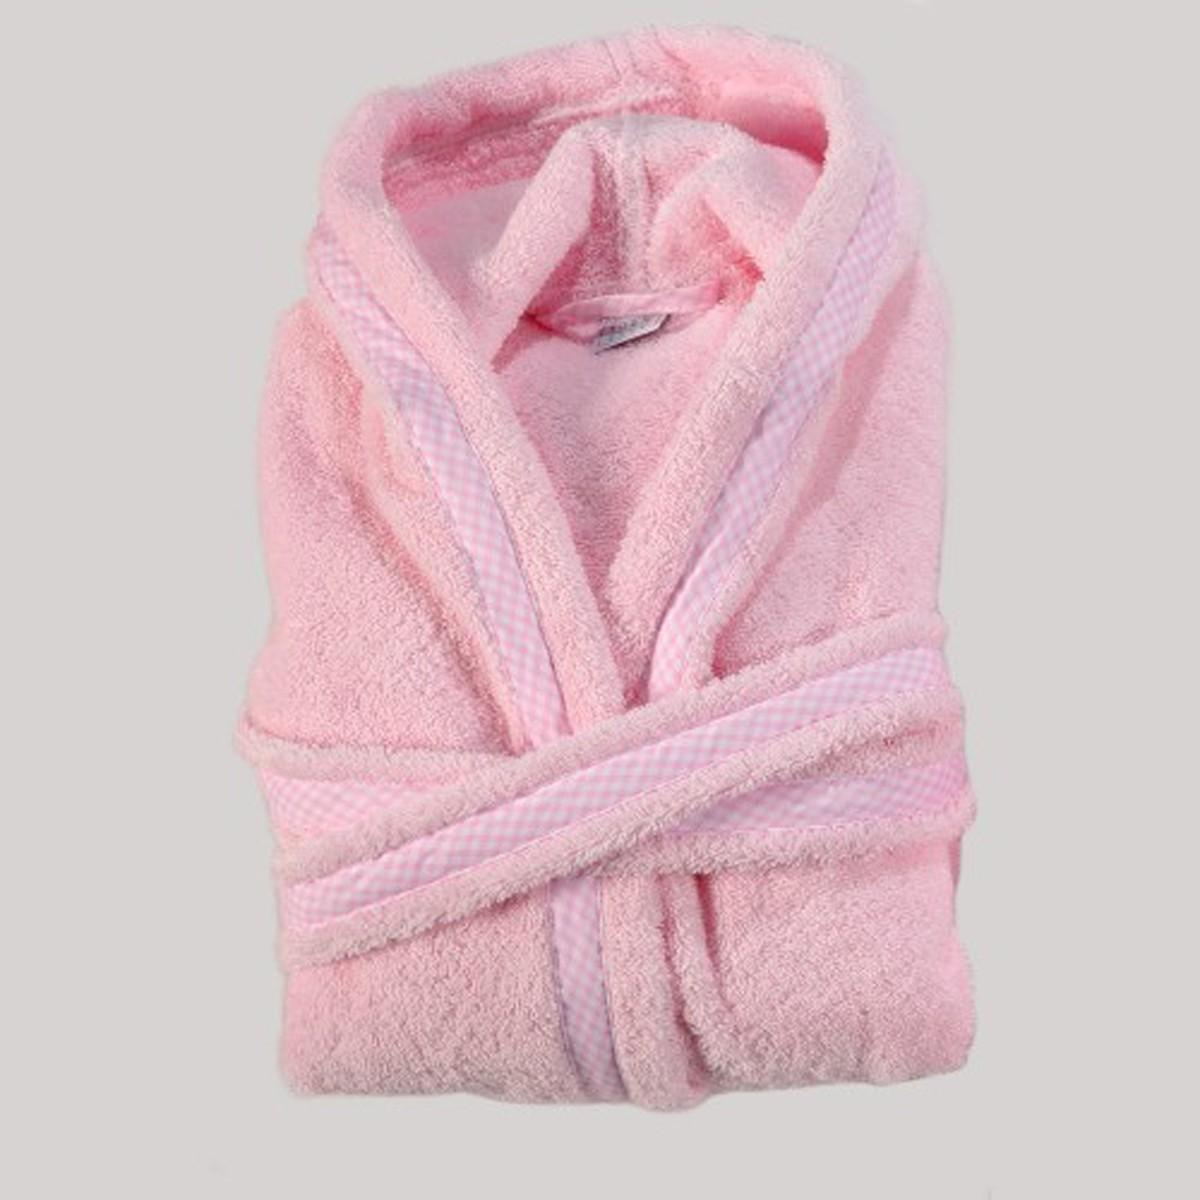 Παιδικό Μπουρνούζι Down Town Bebe Pink Νο4-6 Νο4-6